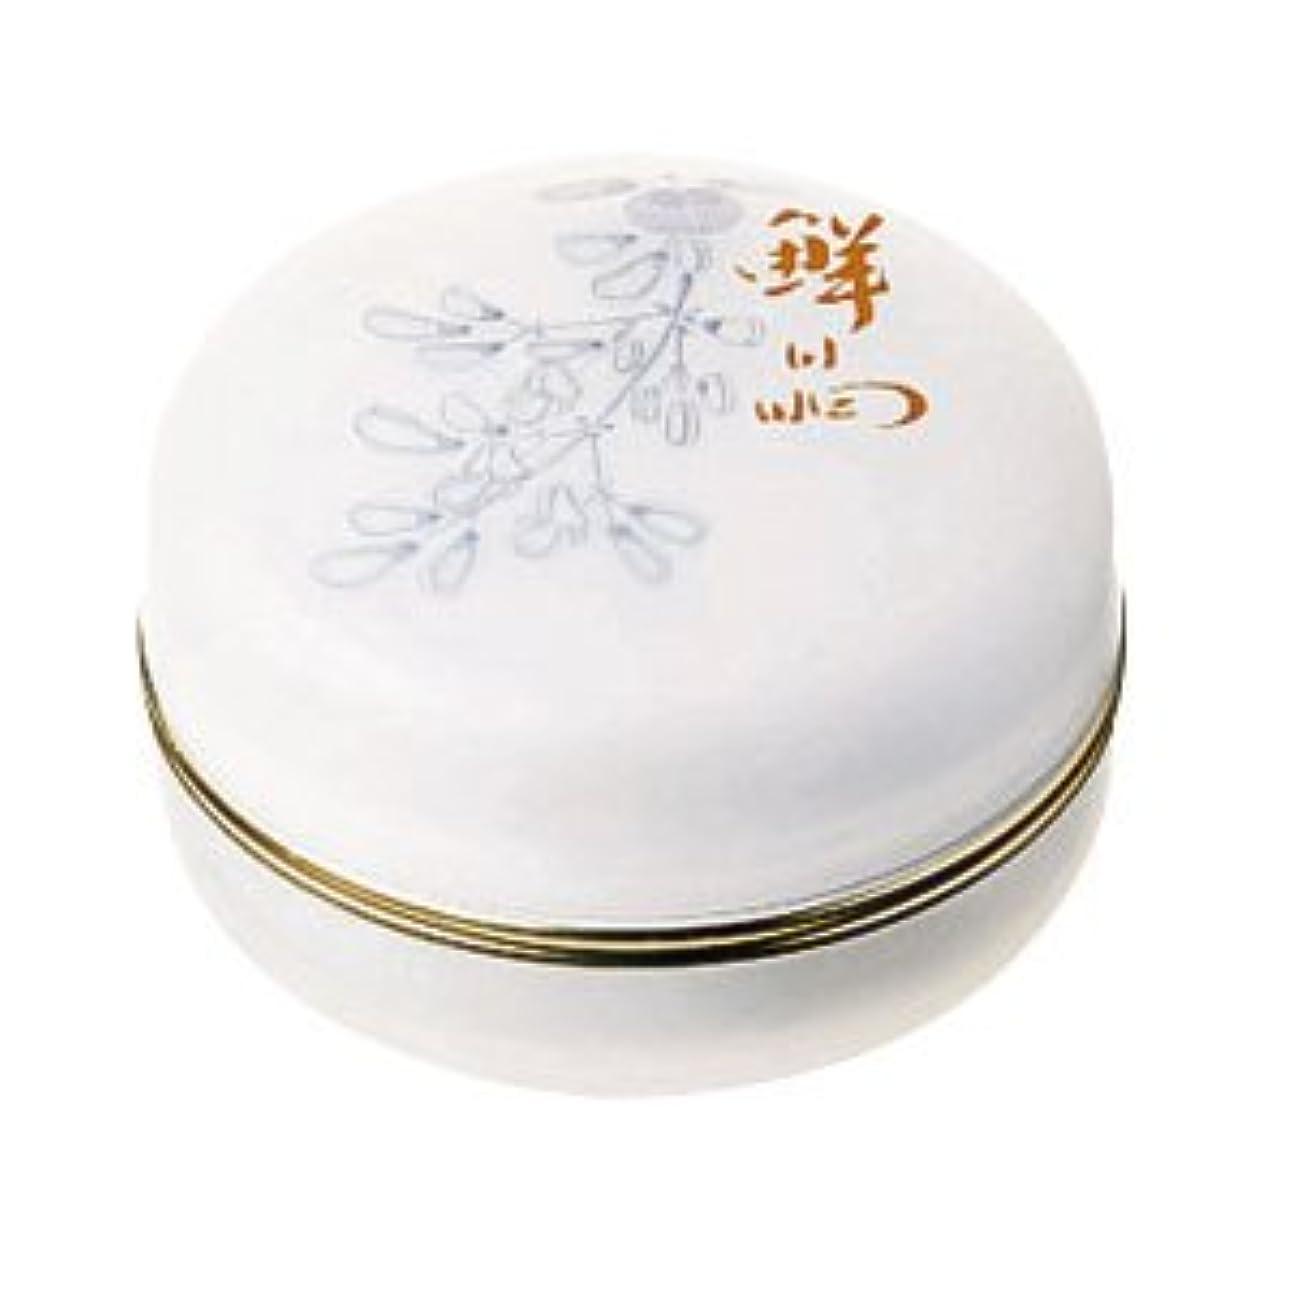 オッペン 薬用妙 薬用鮮晶(せんしょう)<医薬部外品>(80g)